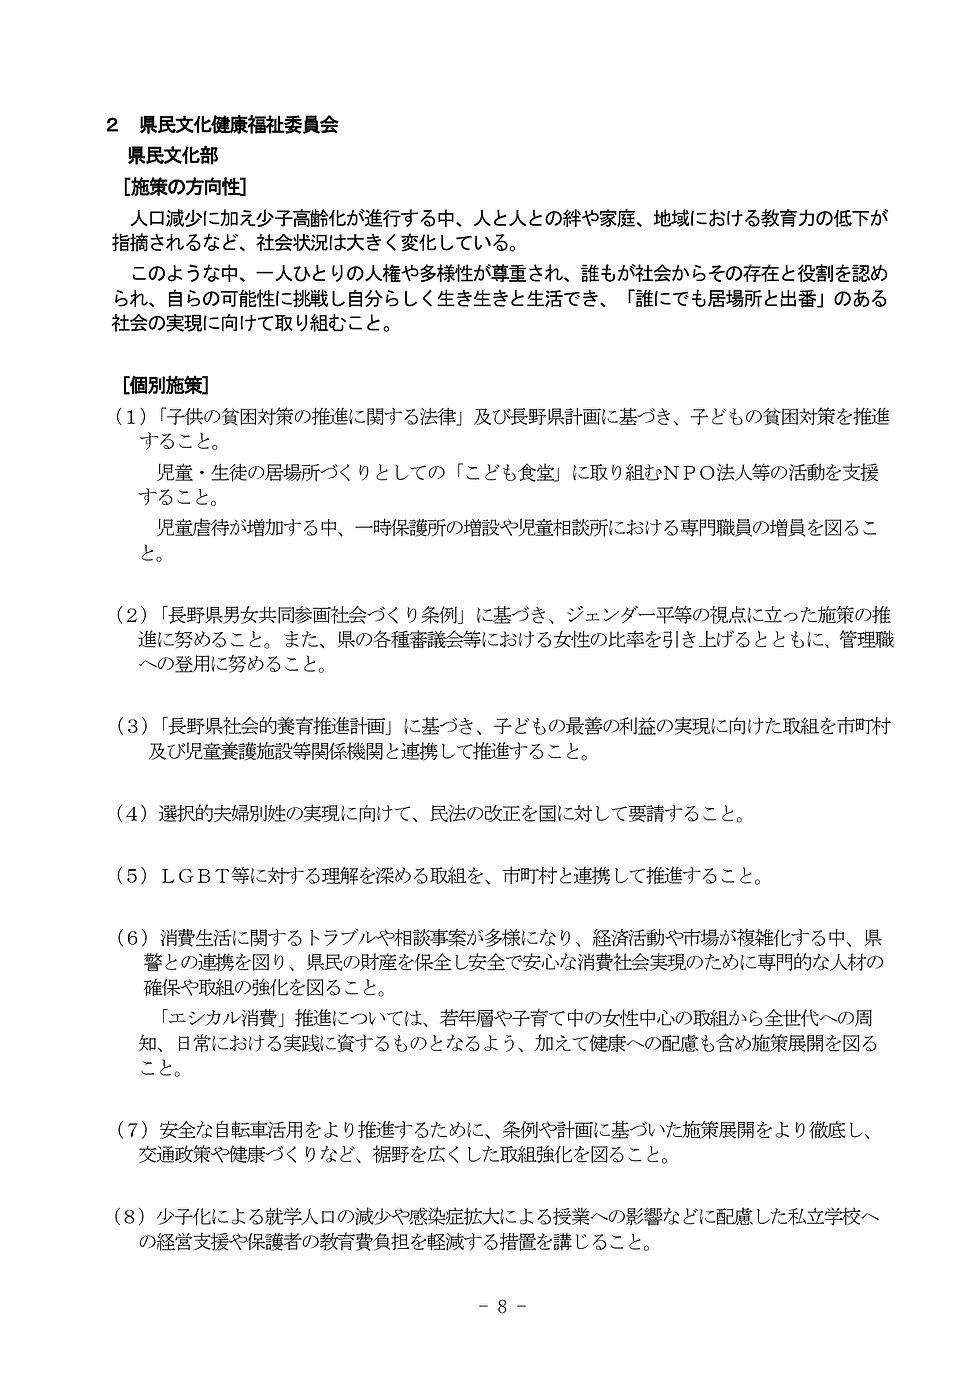 令和3年度予算編成と当面の課題に関する提案書_page-0008.jpg